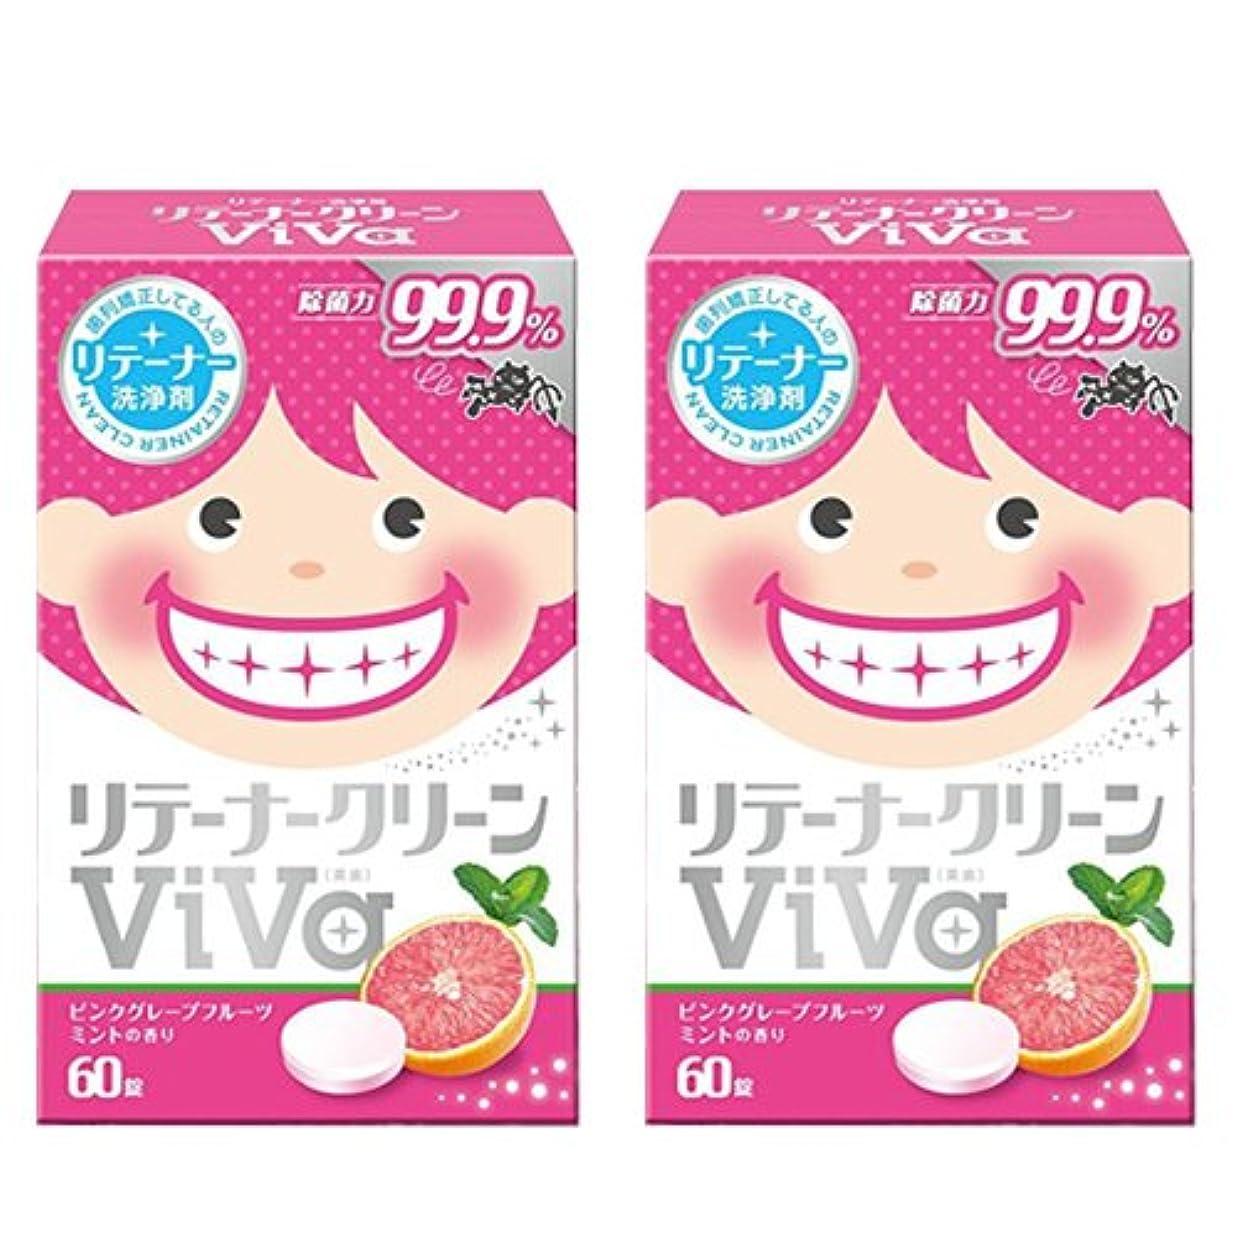 無駄にくちばしソフィーリテーナークリーン ViVa 60錠 歯列矯正している人のリテーナー洗浄剤 (2箱)